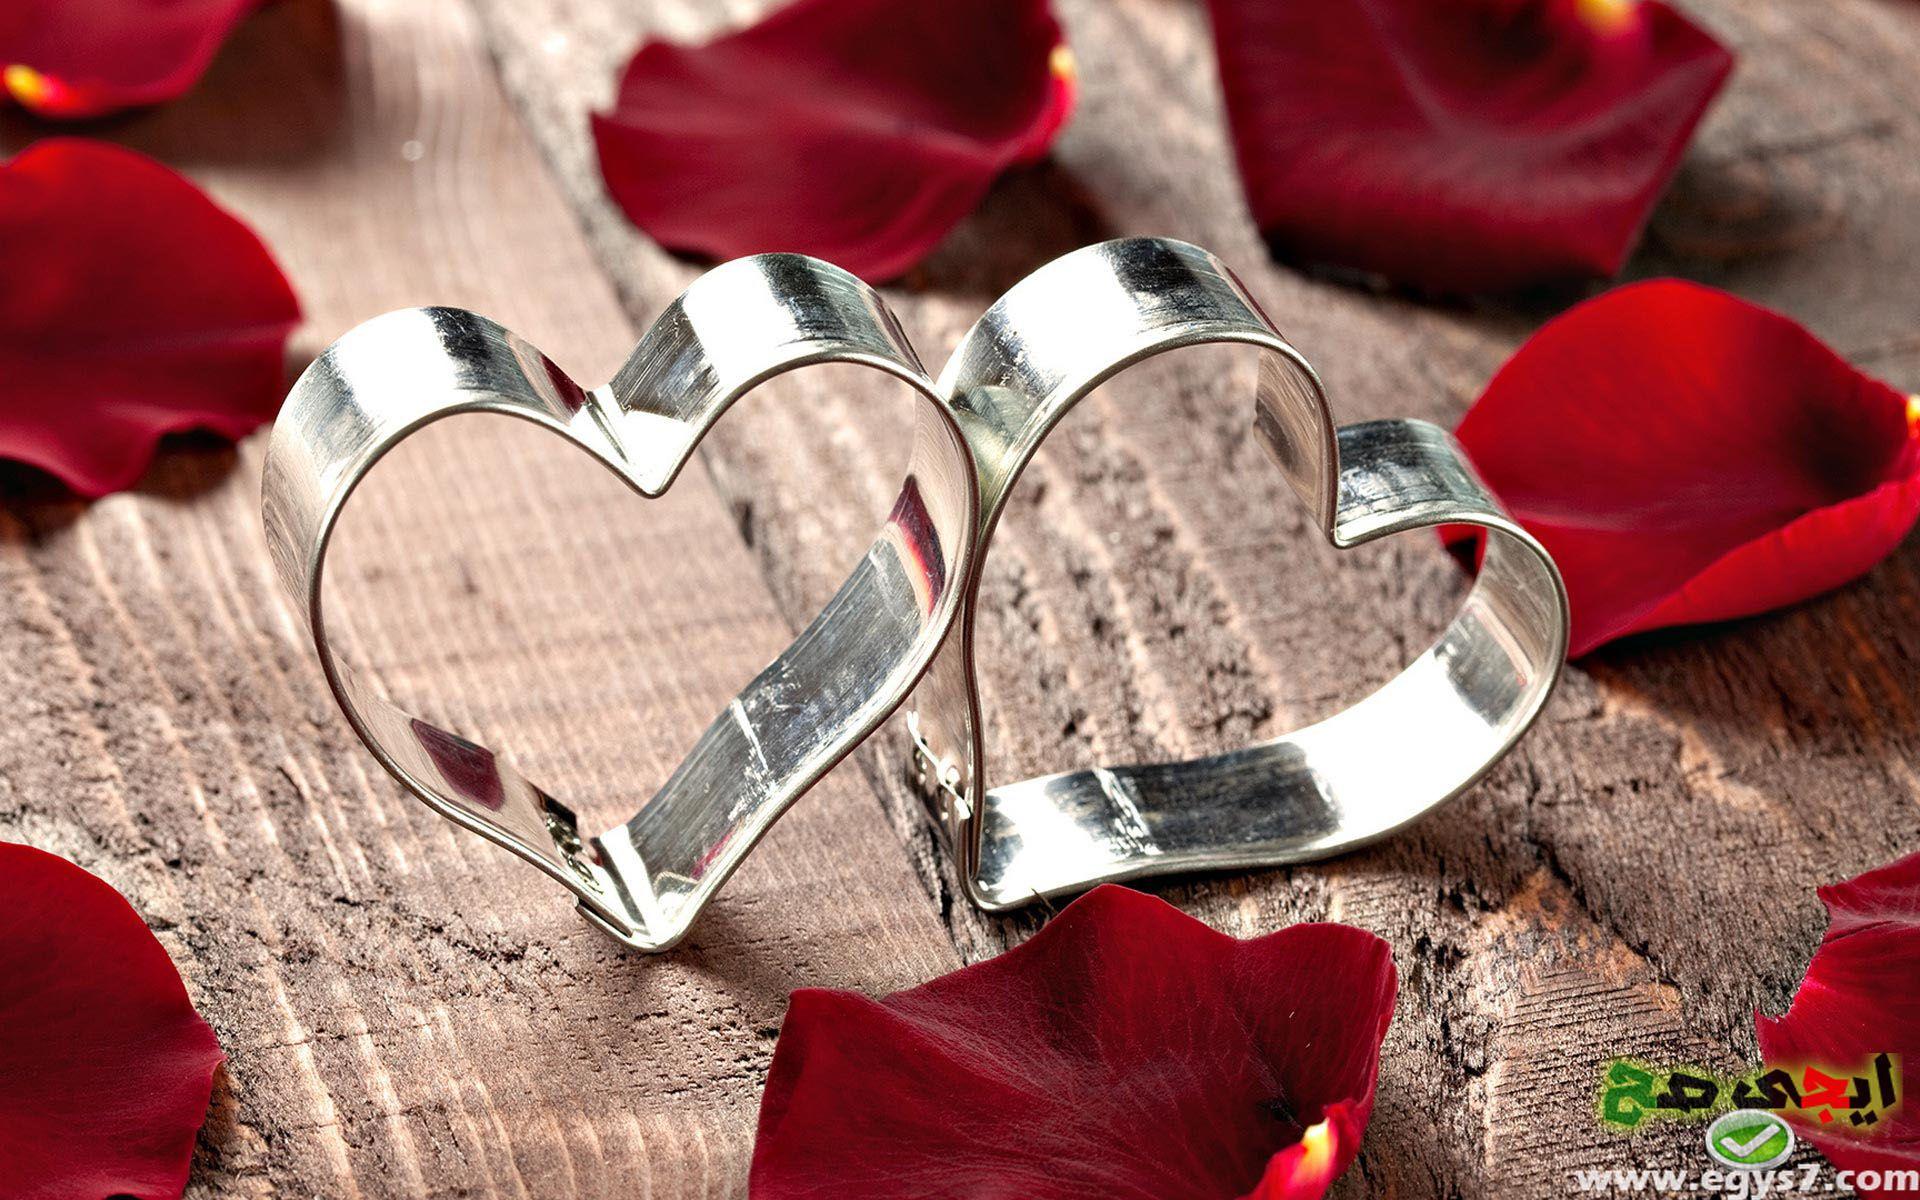 صور حب وعشق ساخنة 2020 اجمل صور حب للمرتبطين Love Wallpaper Download Valentines Day Pictures Happy Valentines Day Pictures